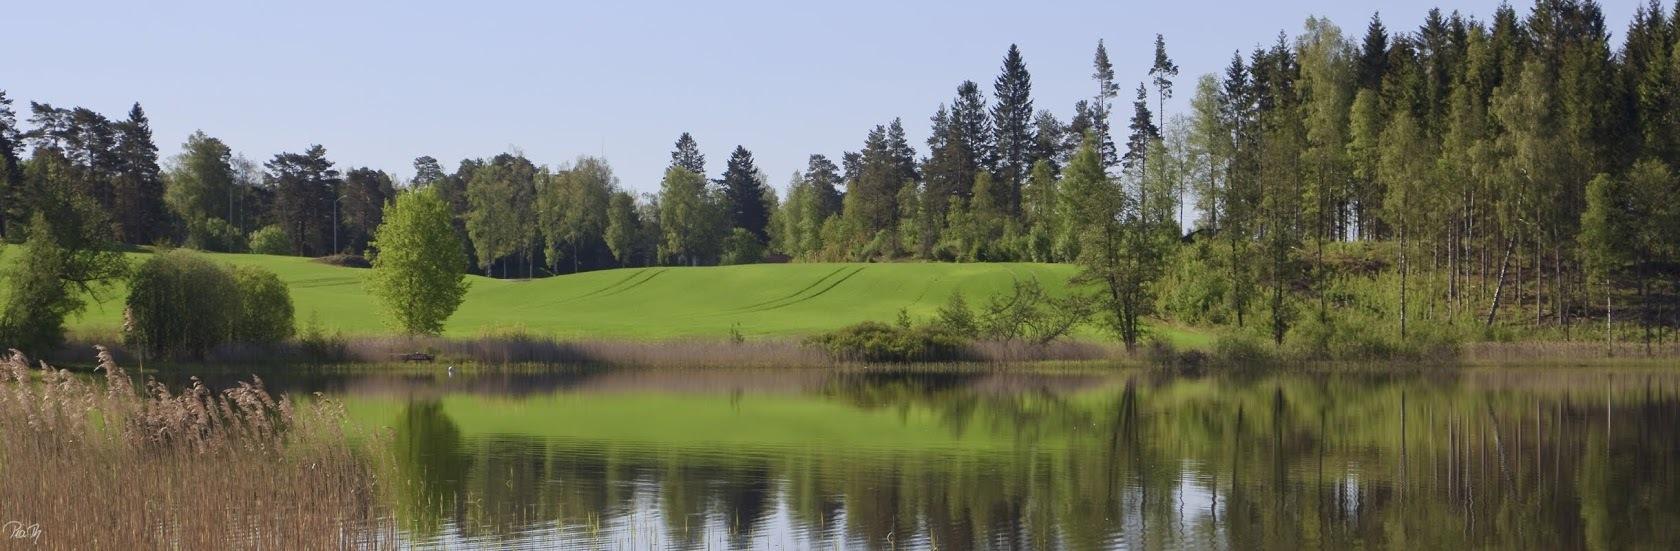 Aremarksjøen_vår_2440x800Sign56.jpg